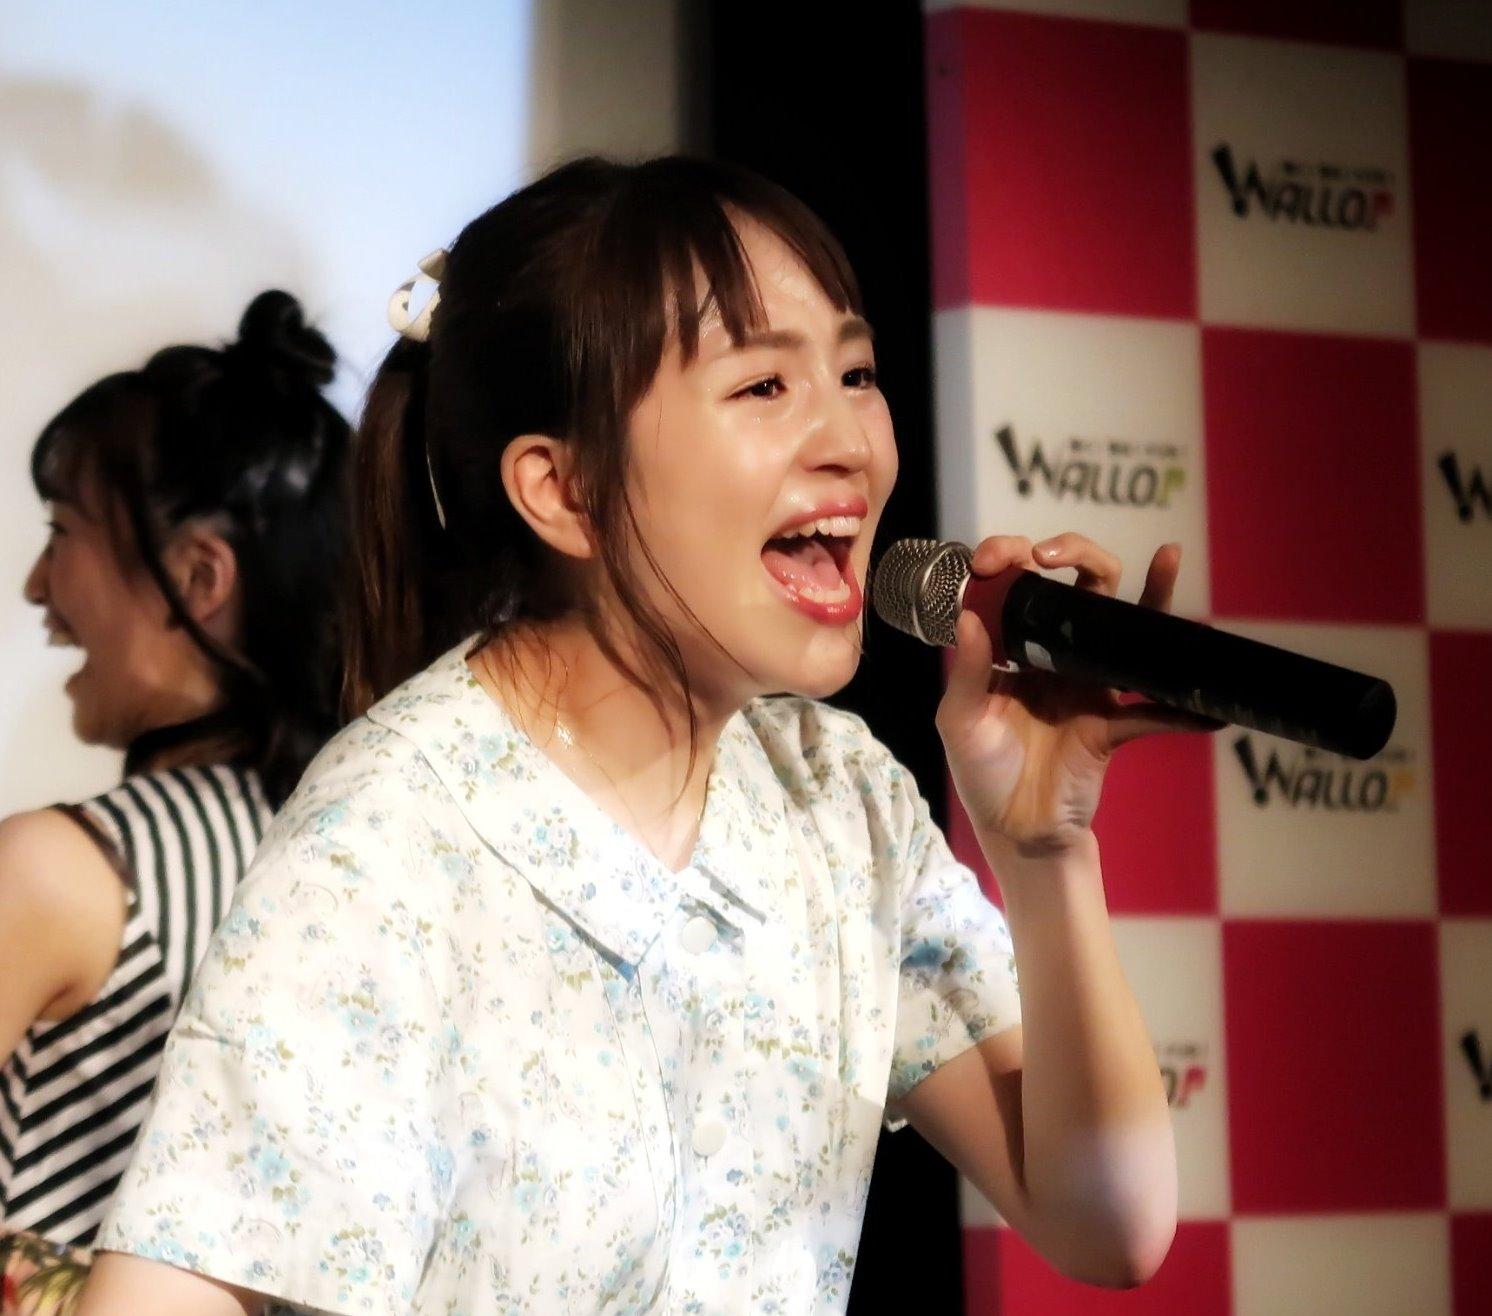 田崎礼奈の開口舌見せ (25)